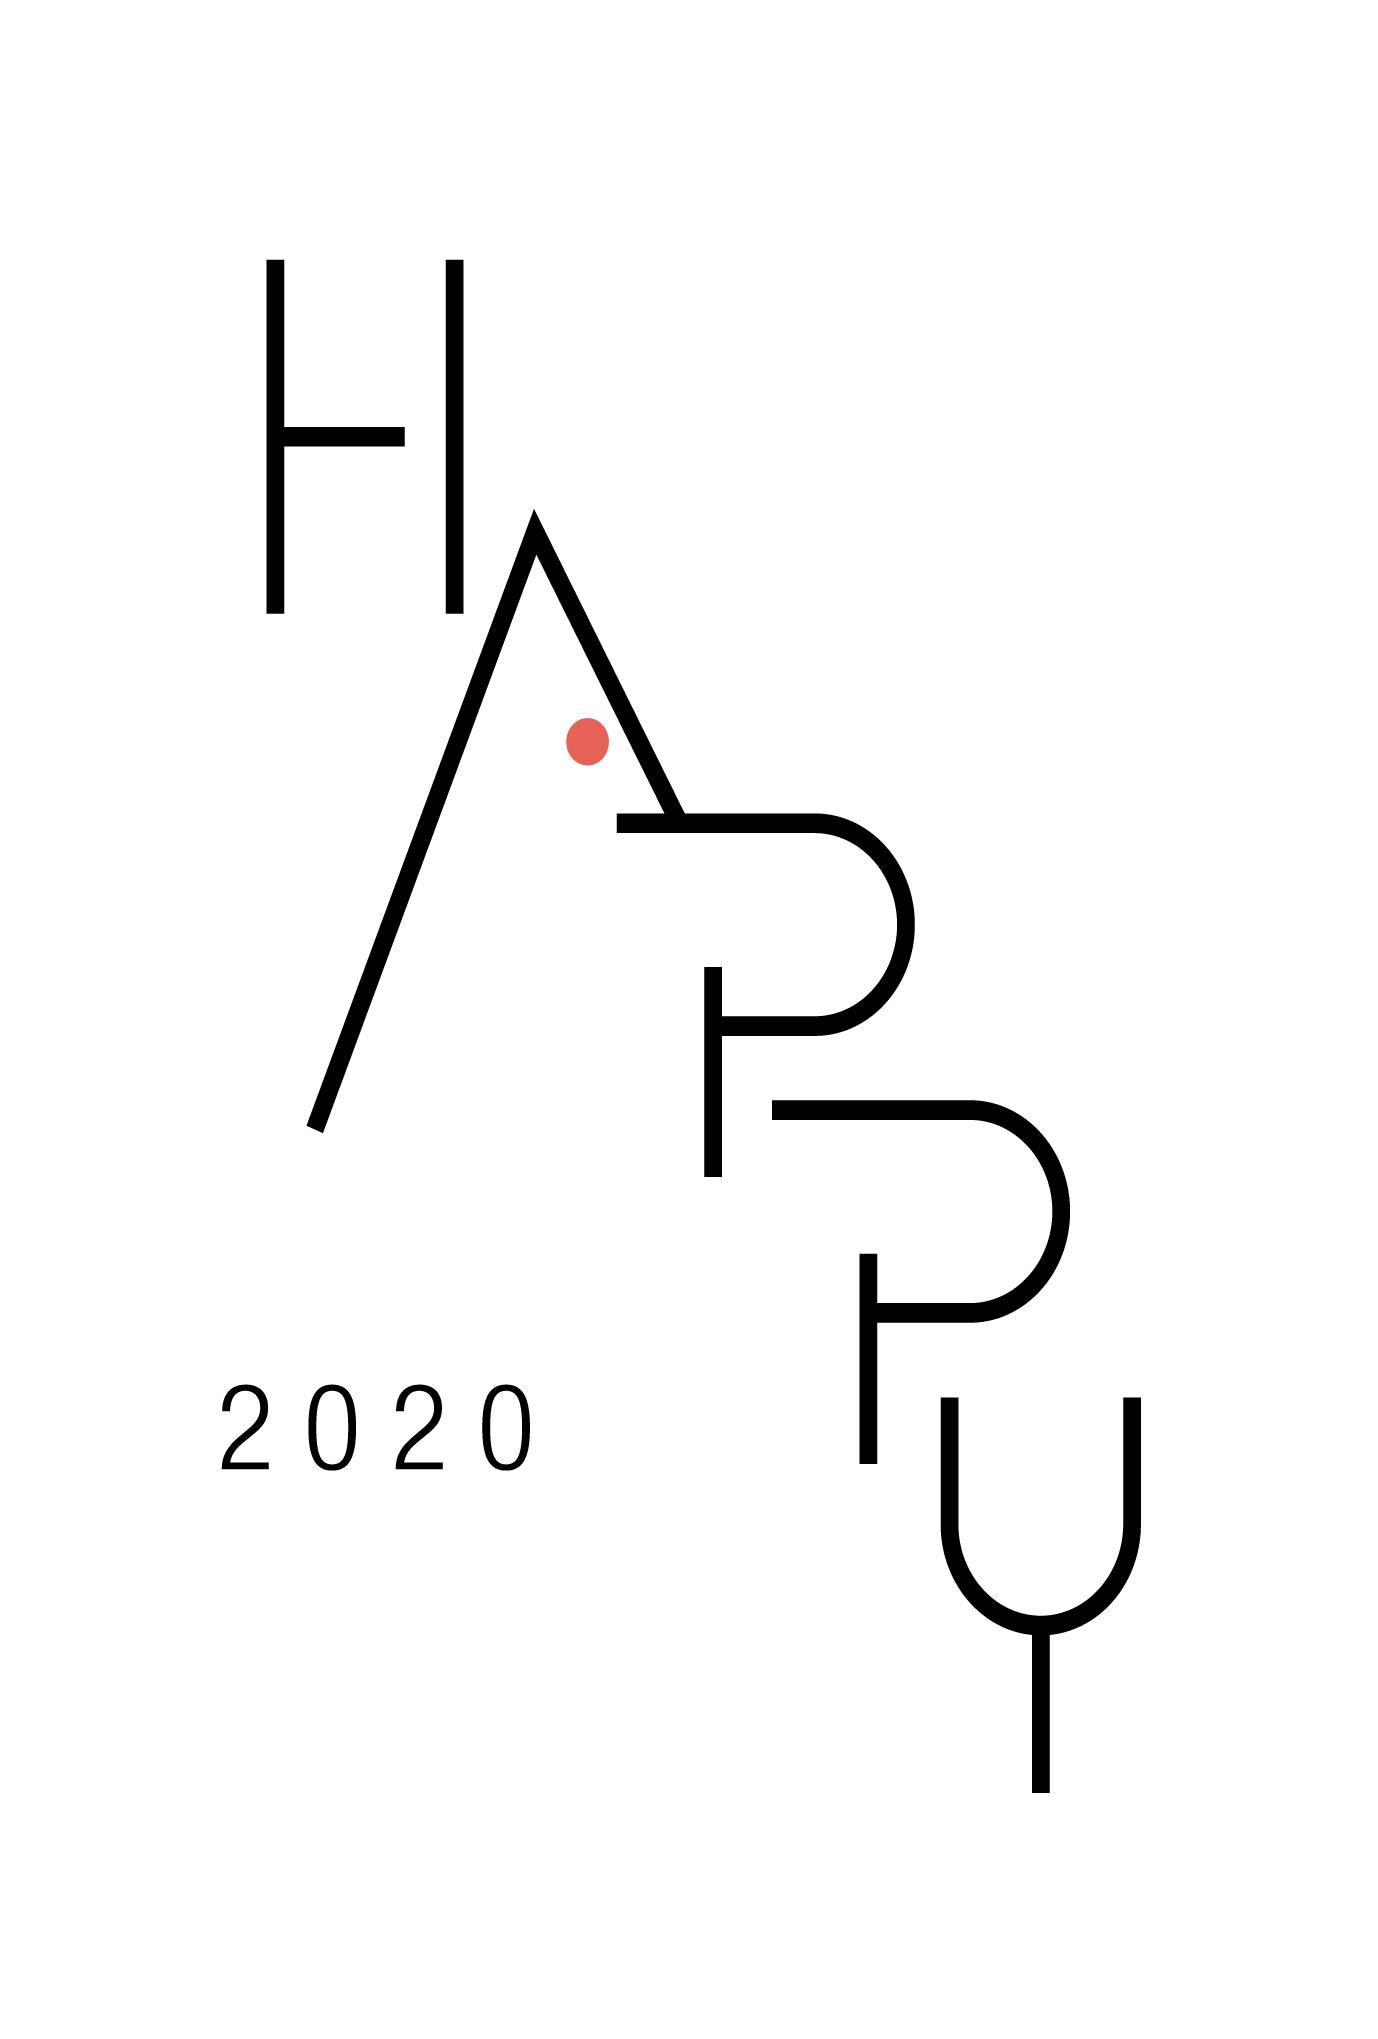 2020年賀状14-1:HAPPY MOUSE / Aのダウンロード画像